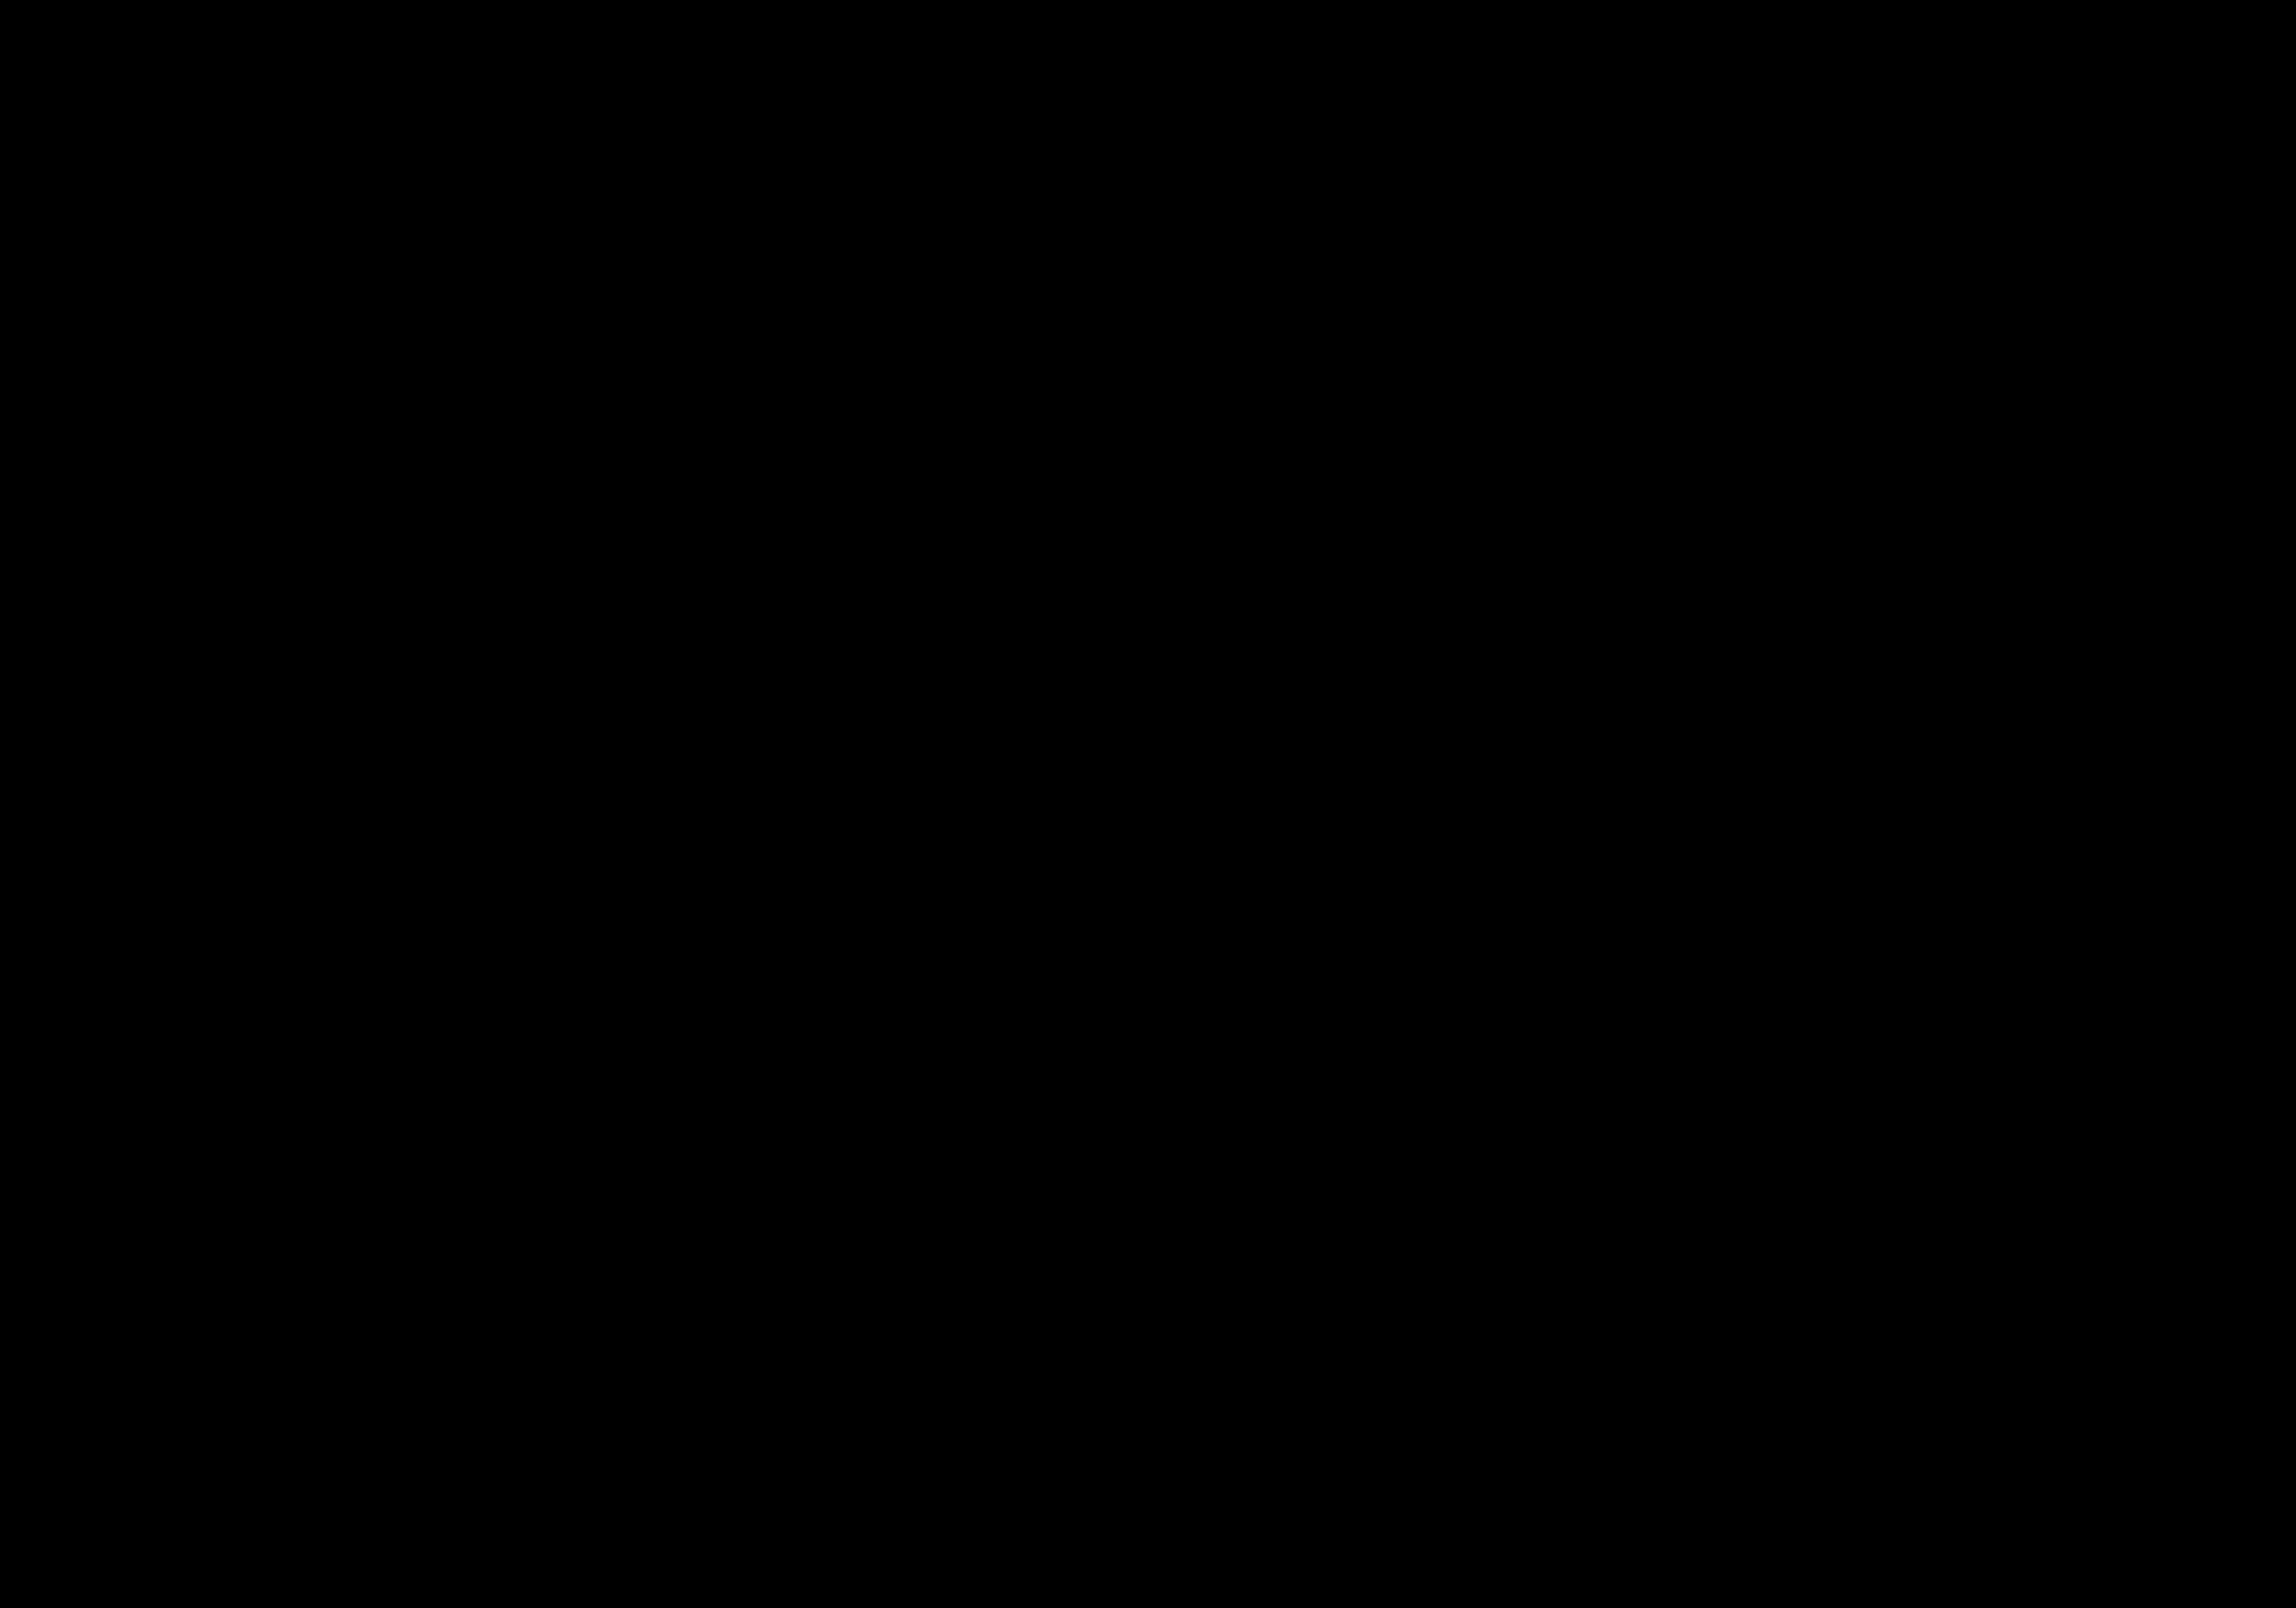 Adamai